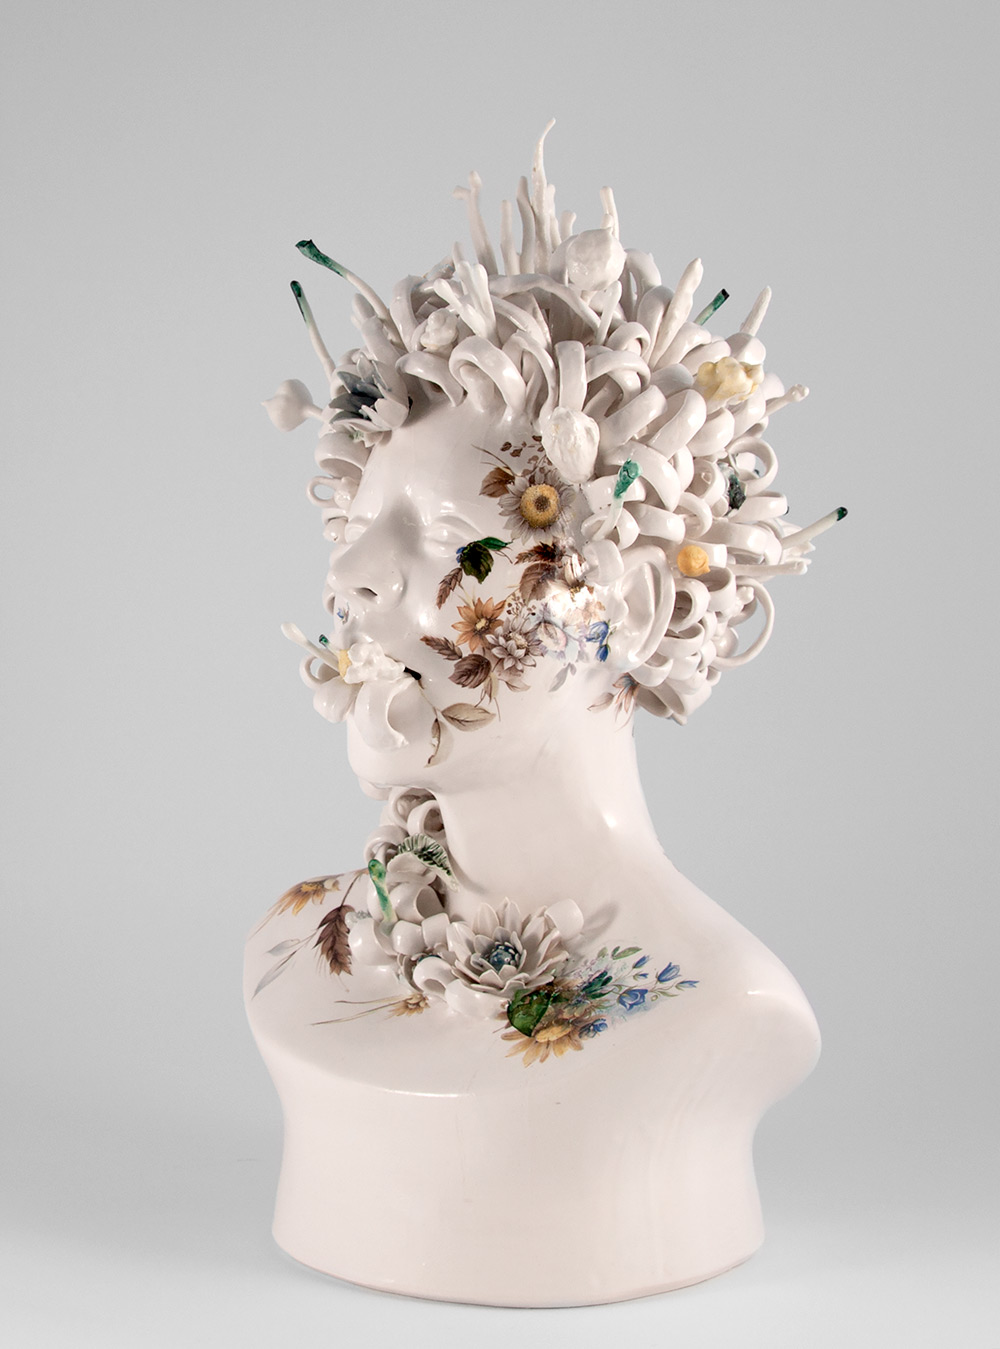 esculturas-em-ceramicas-inspiradas-na-natureza-jess-blog-usenatureza